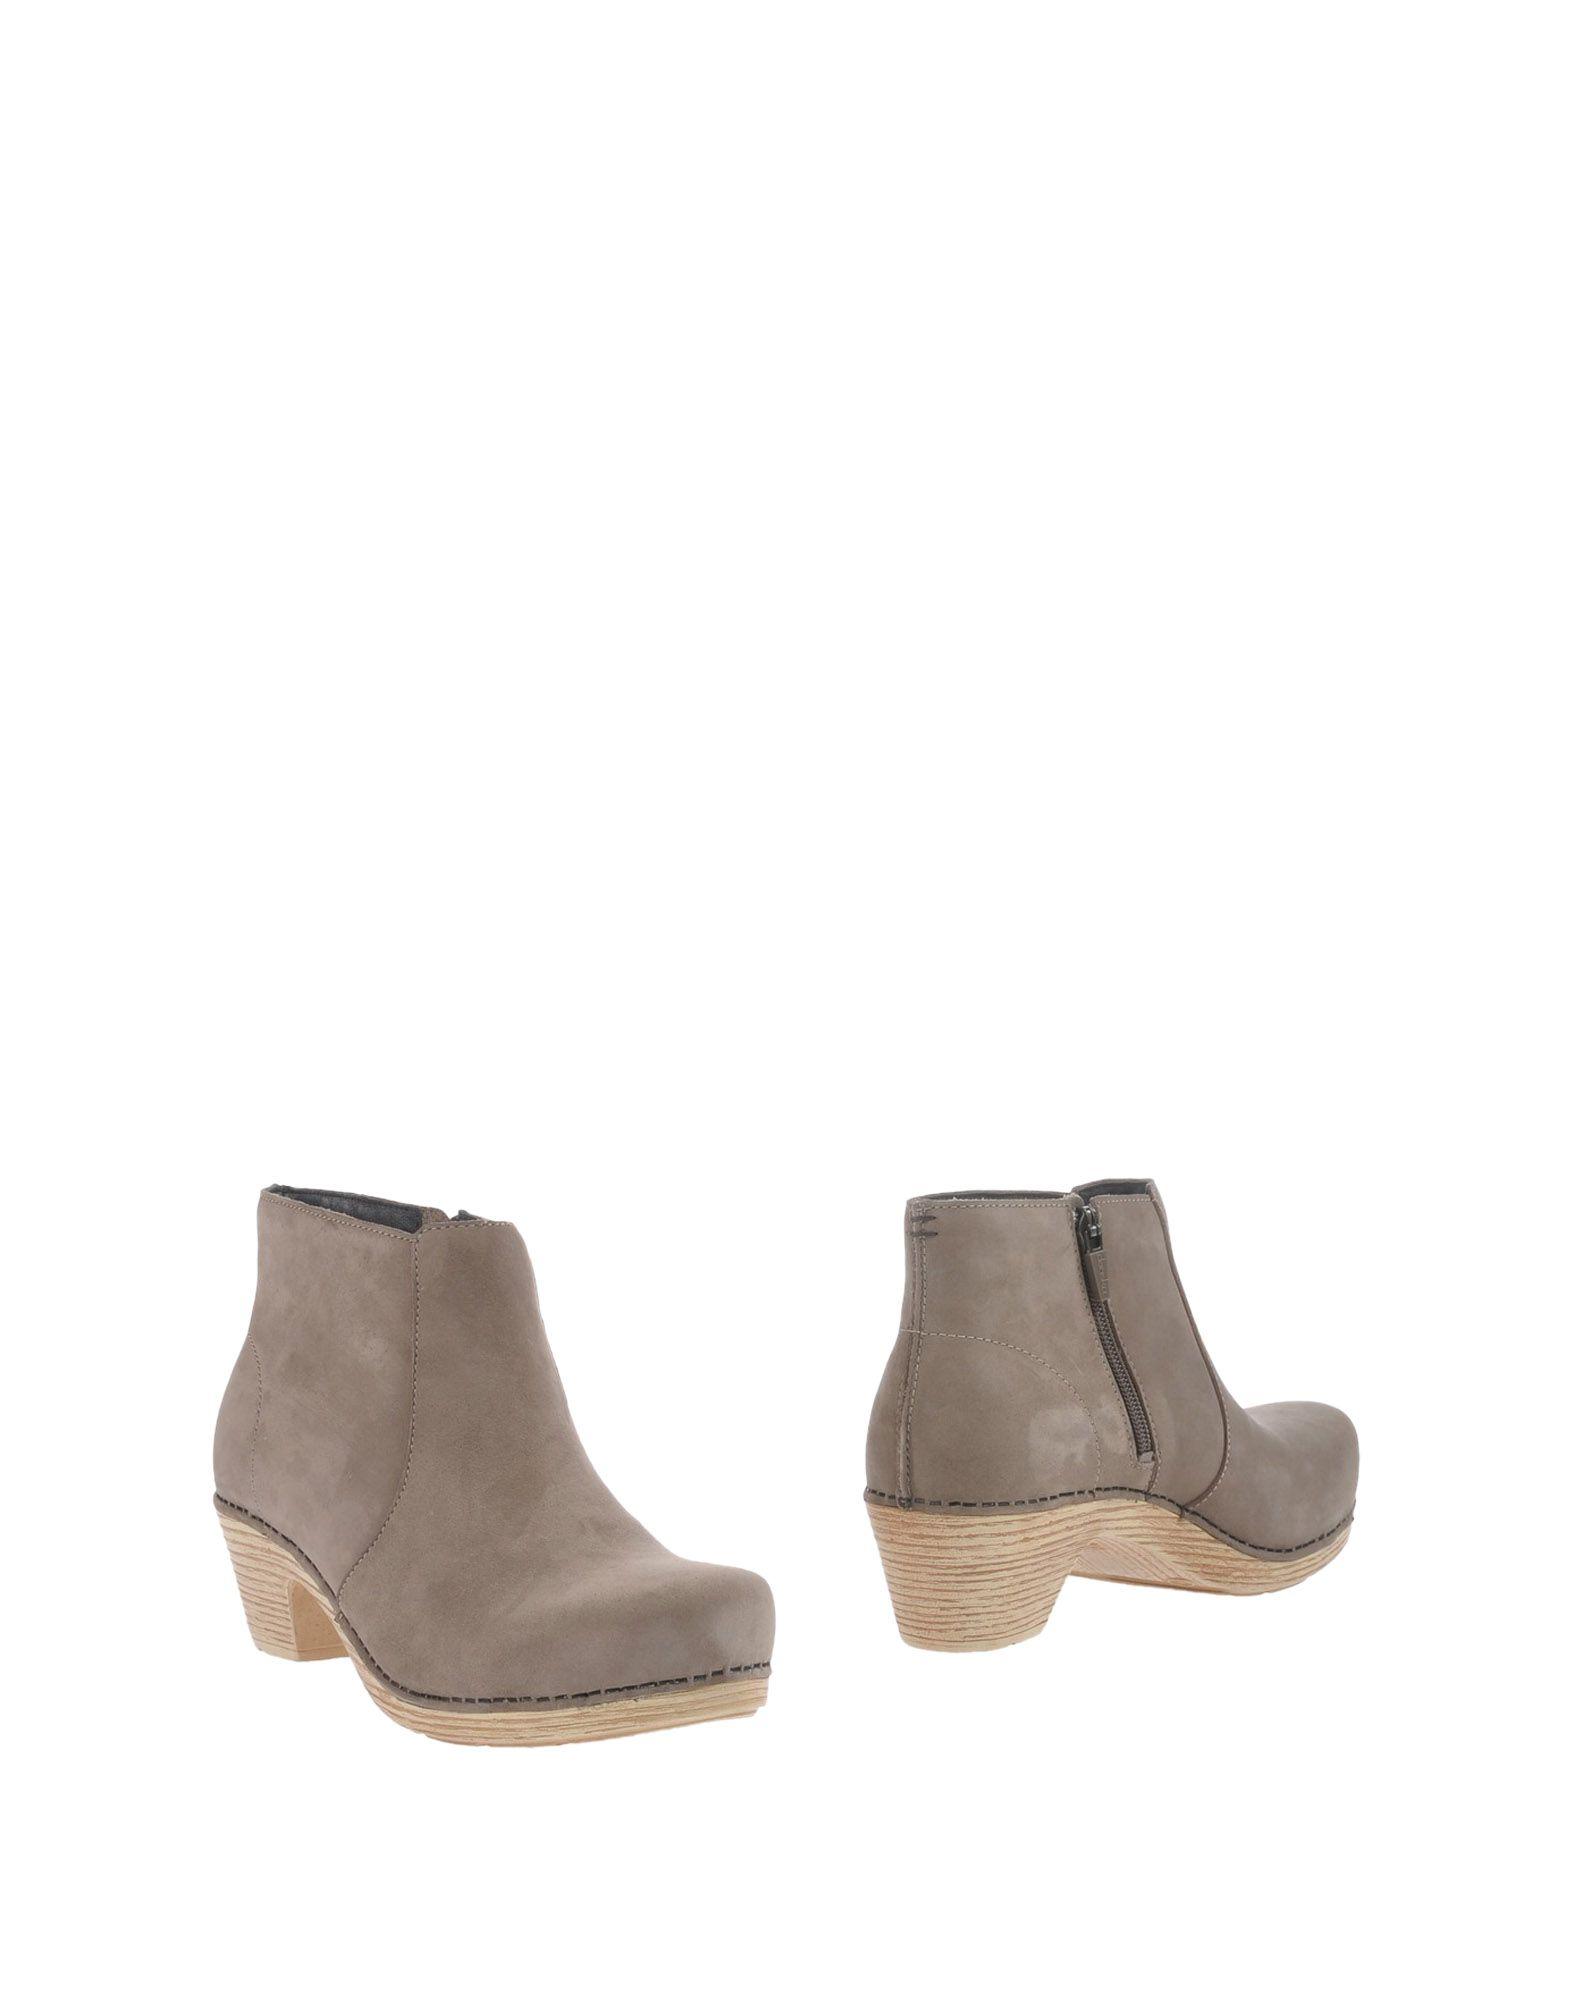 Dansko Stiefelette Damen  11216720PI 11216720PI 11216720PI Gute Qualität beliebte Schuhe 7adf4b